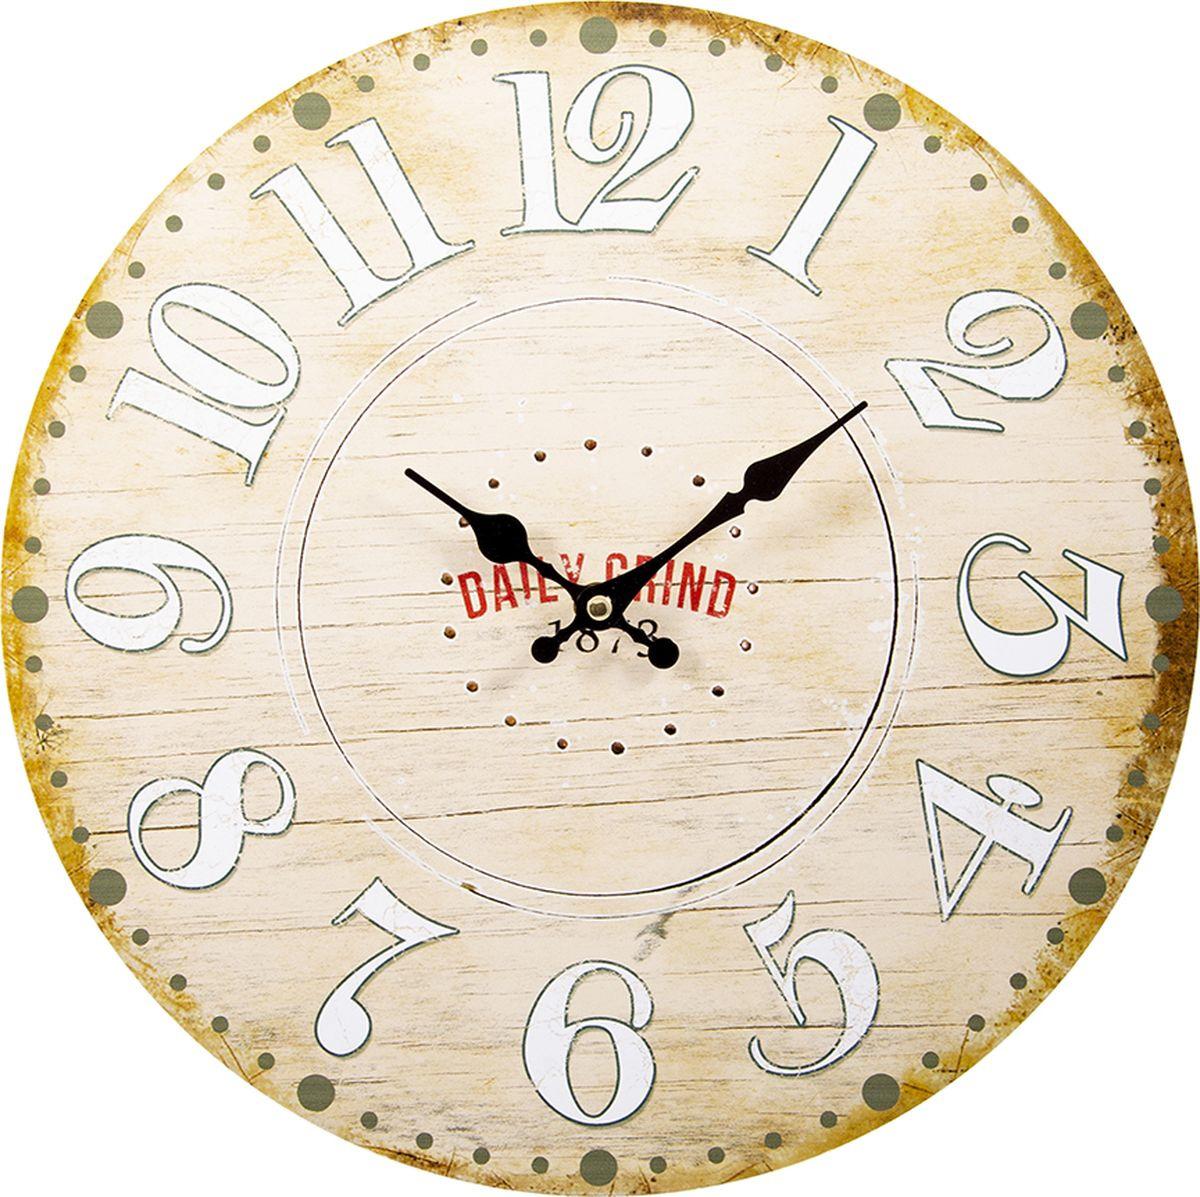 Настенные часы Русские подарки, 138644, мультиколор, 34 х 34 см стоимость